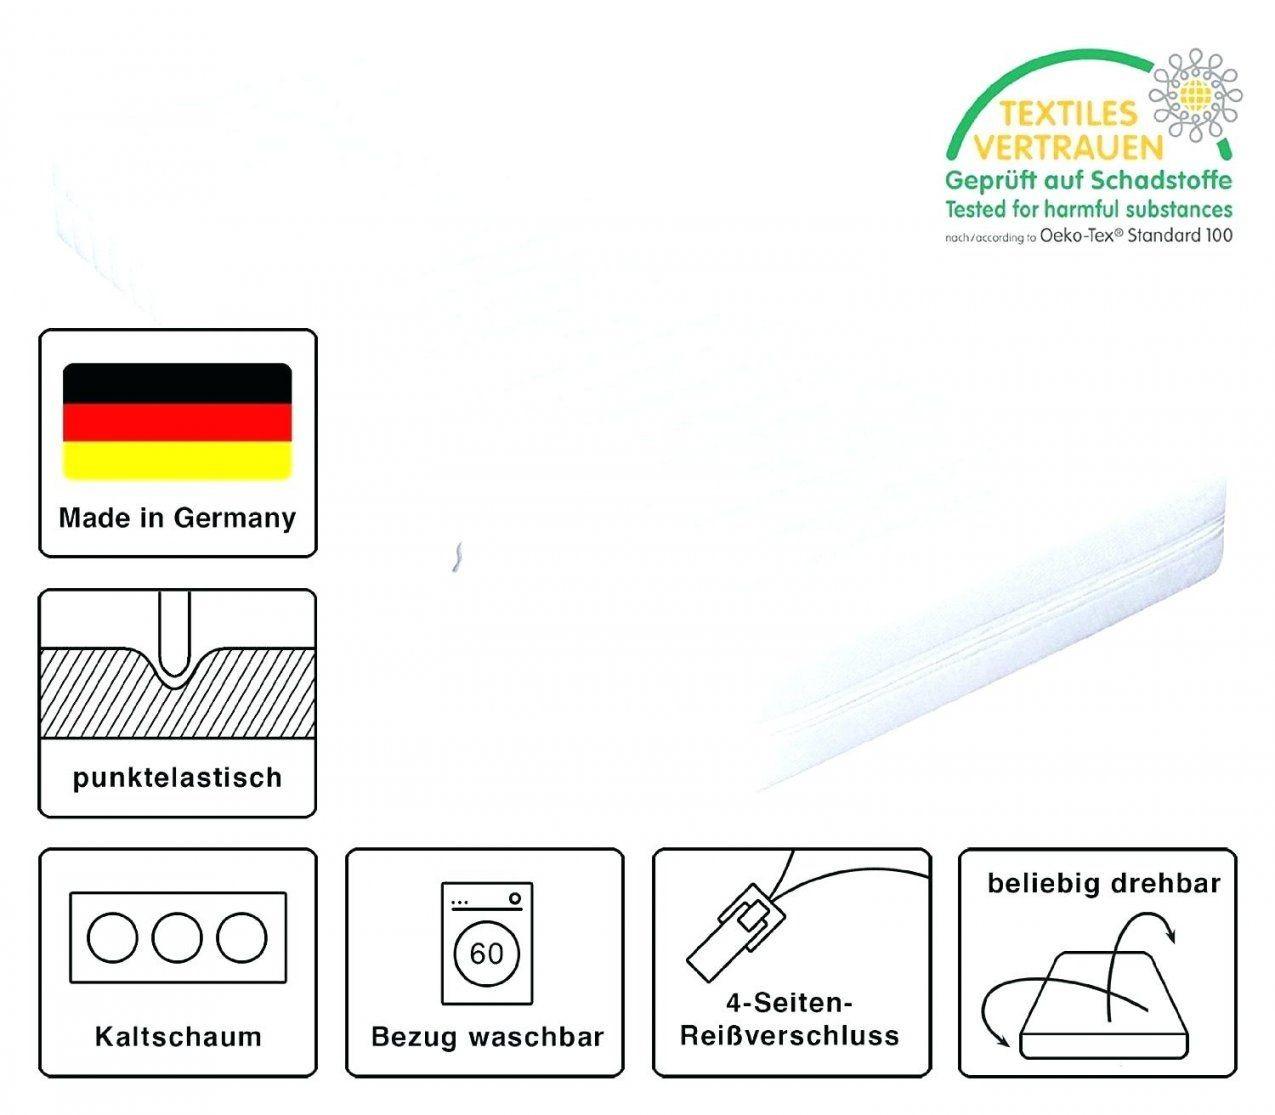 Vitalis Matratzen Duo Touch Erfahrungen Bewertung – Andaluciapeople von Vitalis Duo Touch H2 Bild